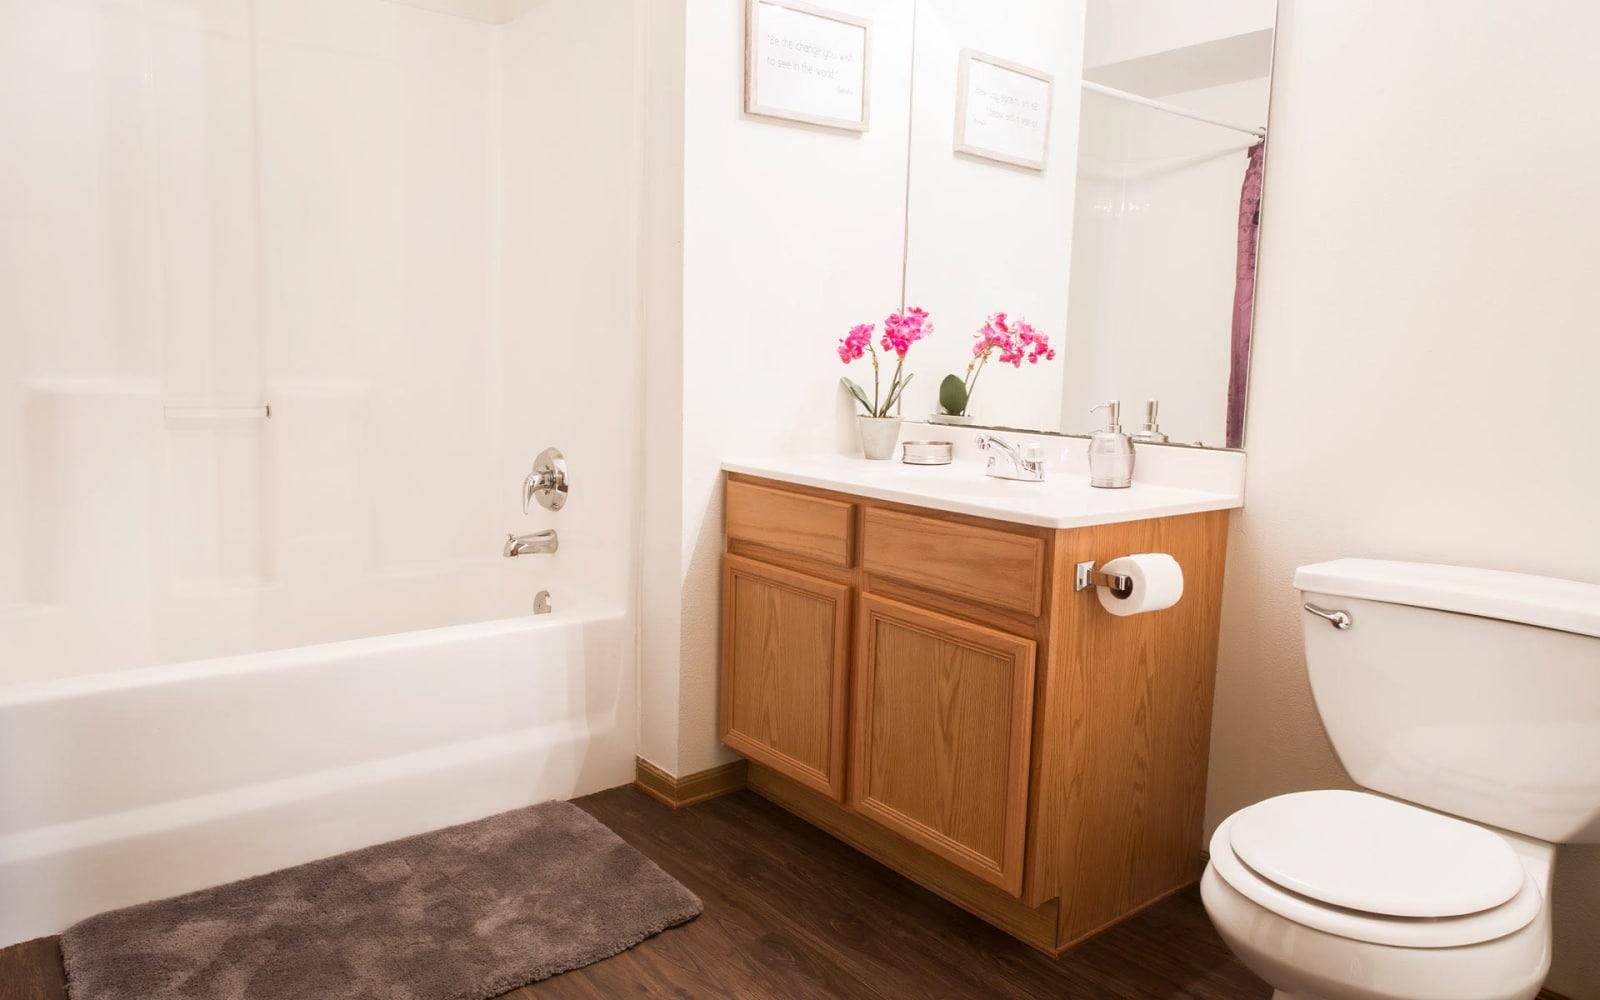 An apartment bathroom with a bathtub at Prairie Reserve in Cedar Rapids, Iowa